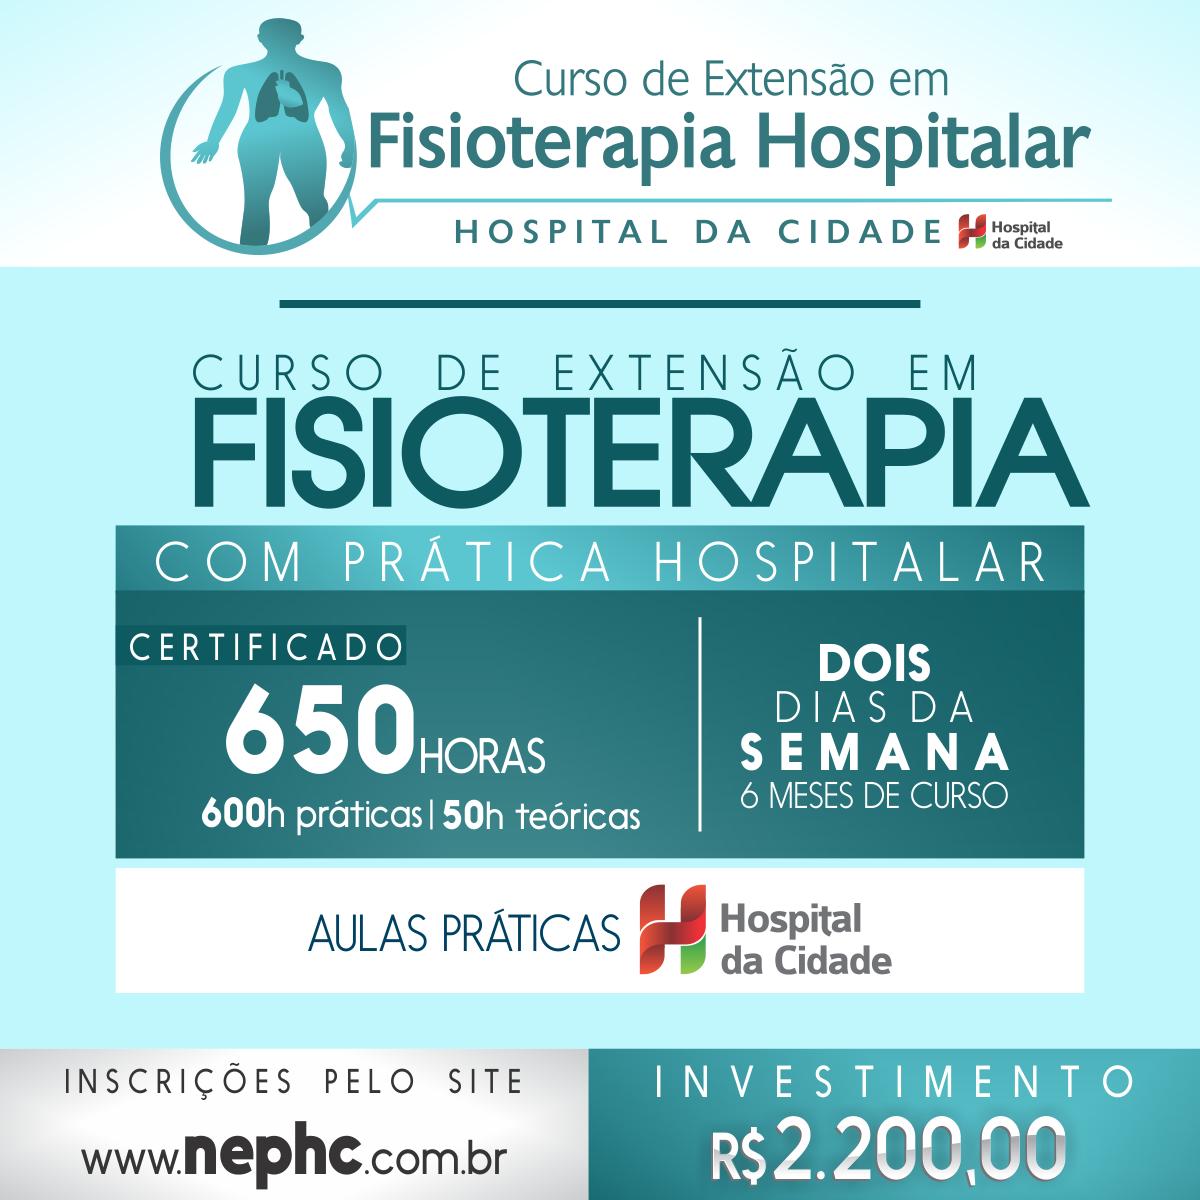 Núcleo de Ensino e Pesquisa - NEP - Hospital da Cidade - HC - Banner digital - CEFH